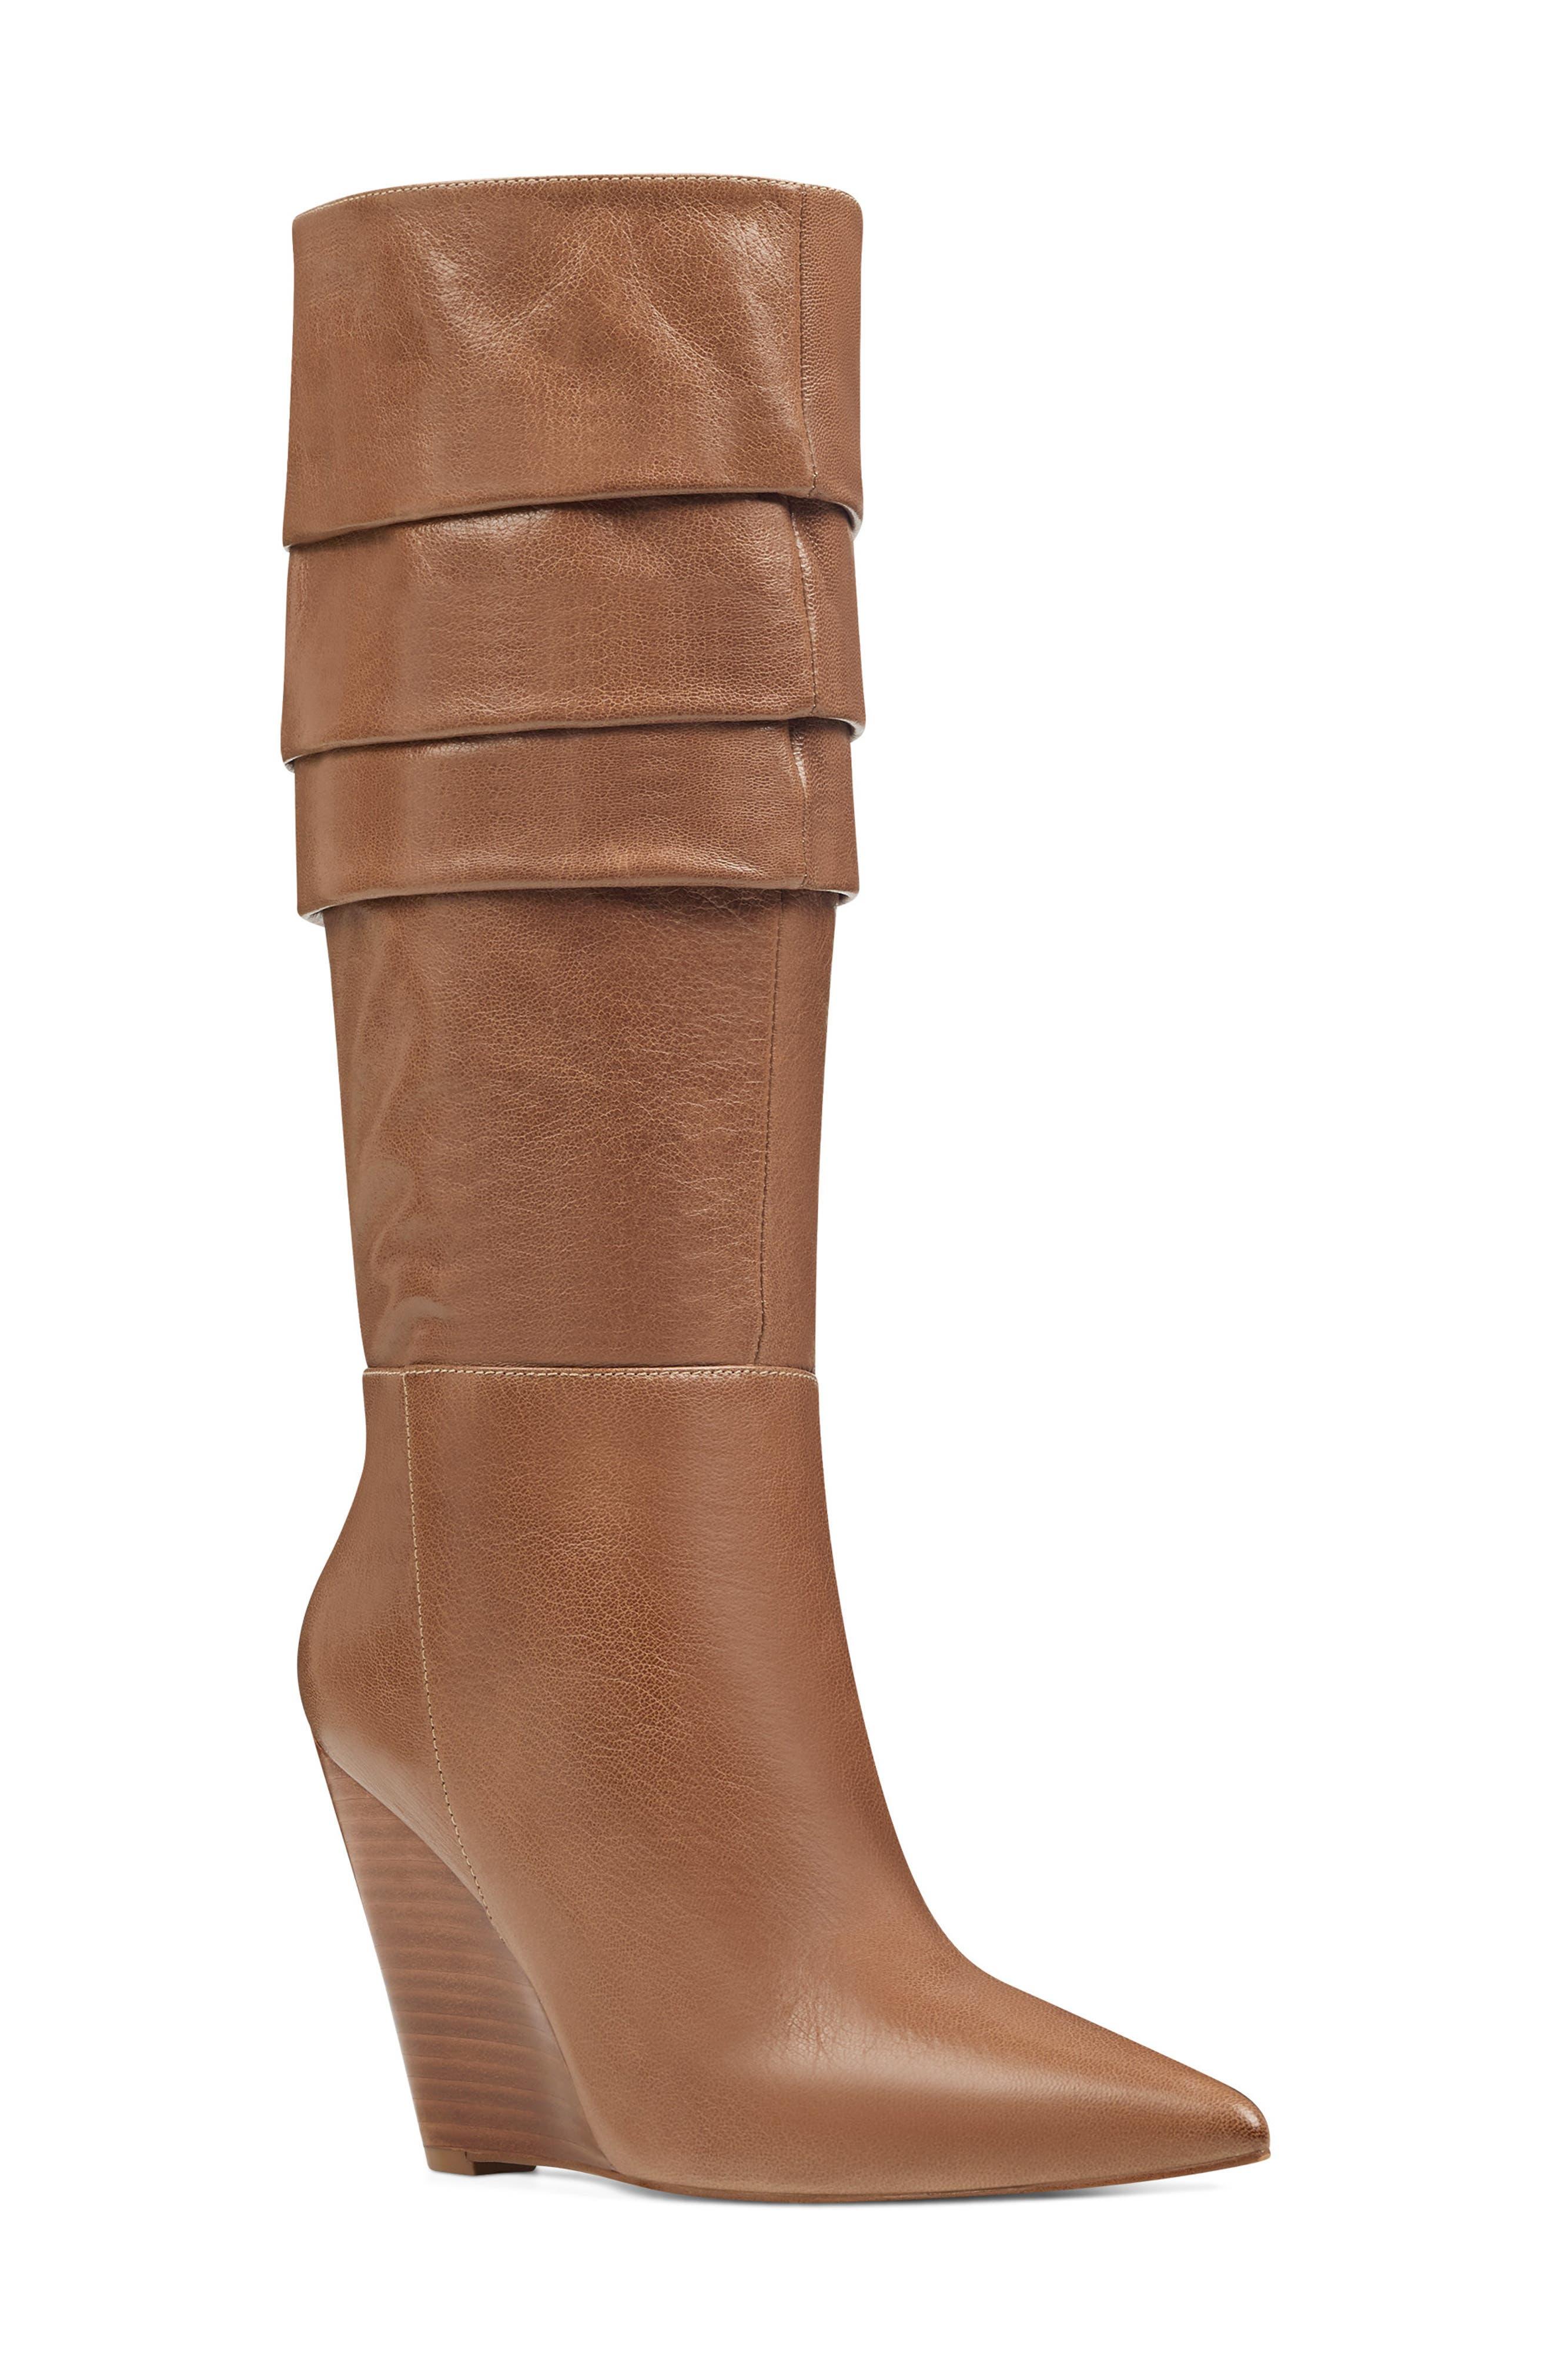 Nine West Vernese Tiered Knee High Wedge Boot- Brown